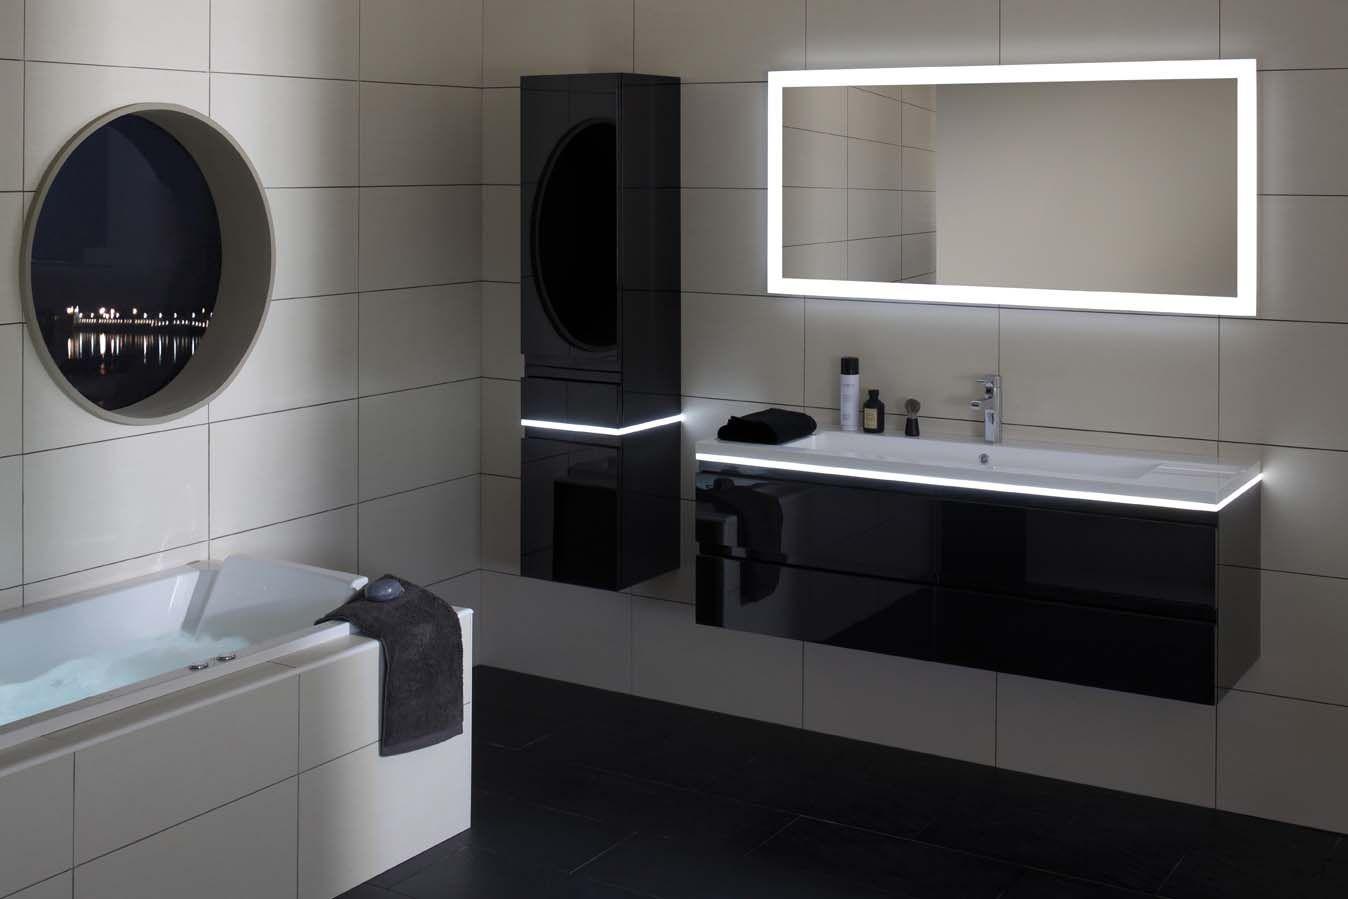 Une Salle De Bain Black White Des Meubles Noirs Apporteront Une Touche Chic Moderne Et Meuble Salle De Bain Salle De Bain Noir Et Blanc Deco Salle De Bain